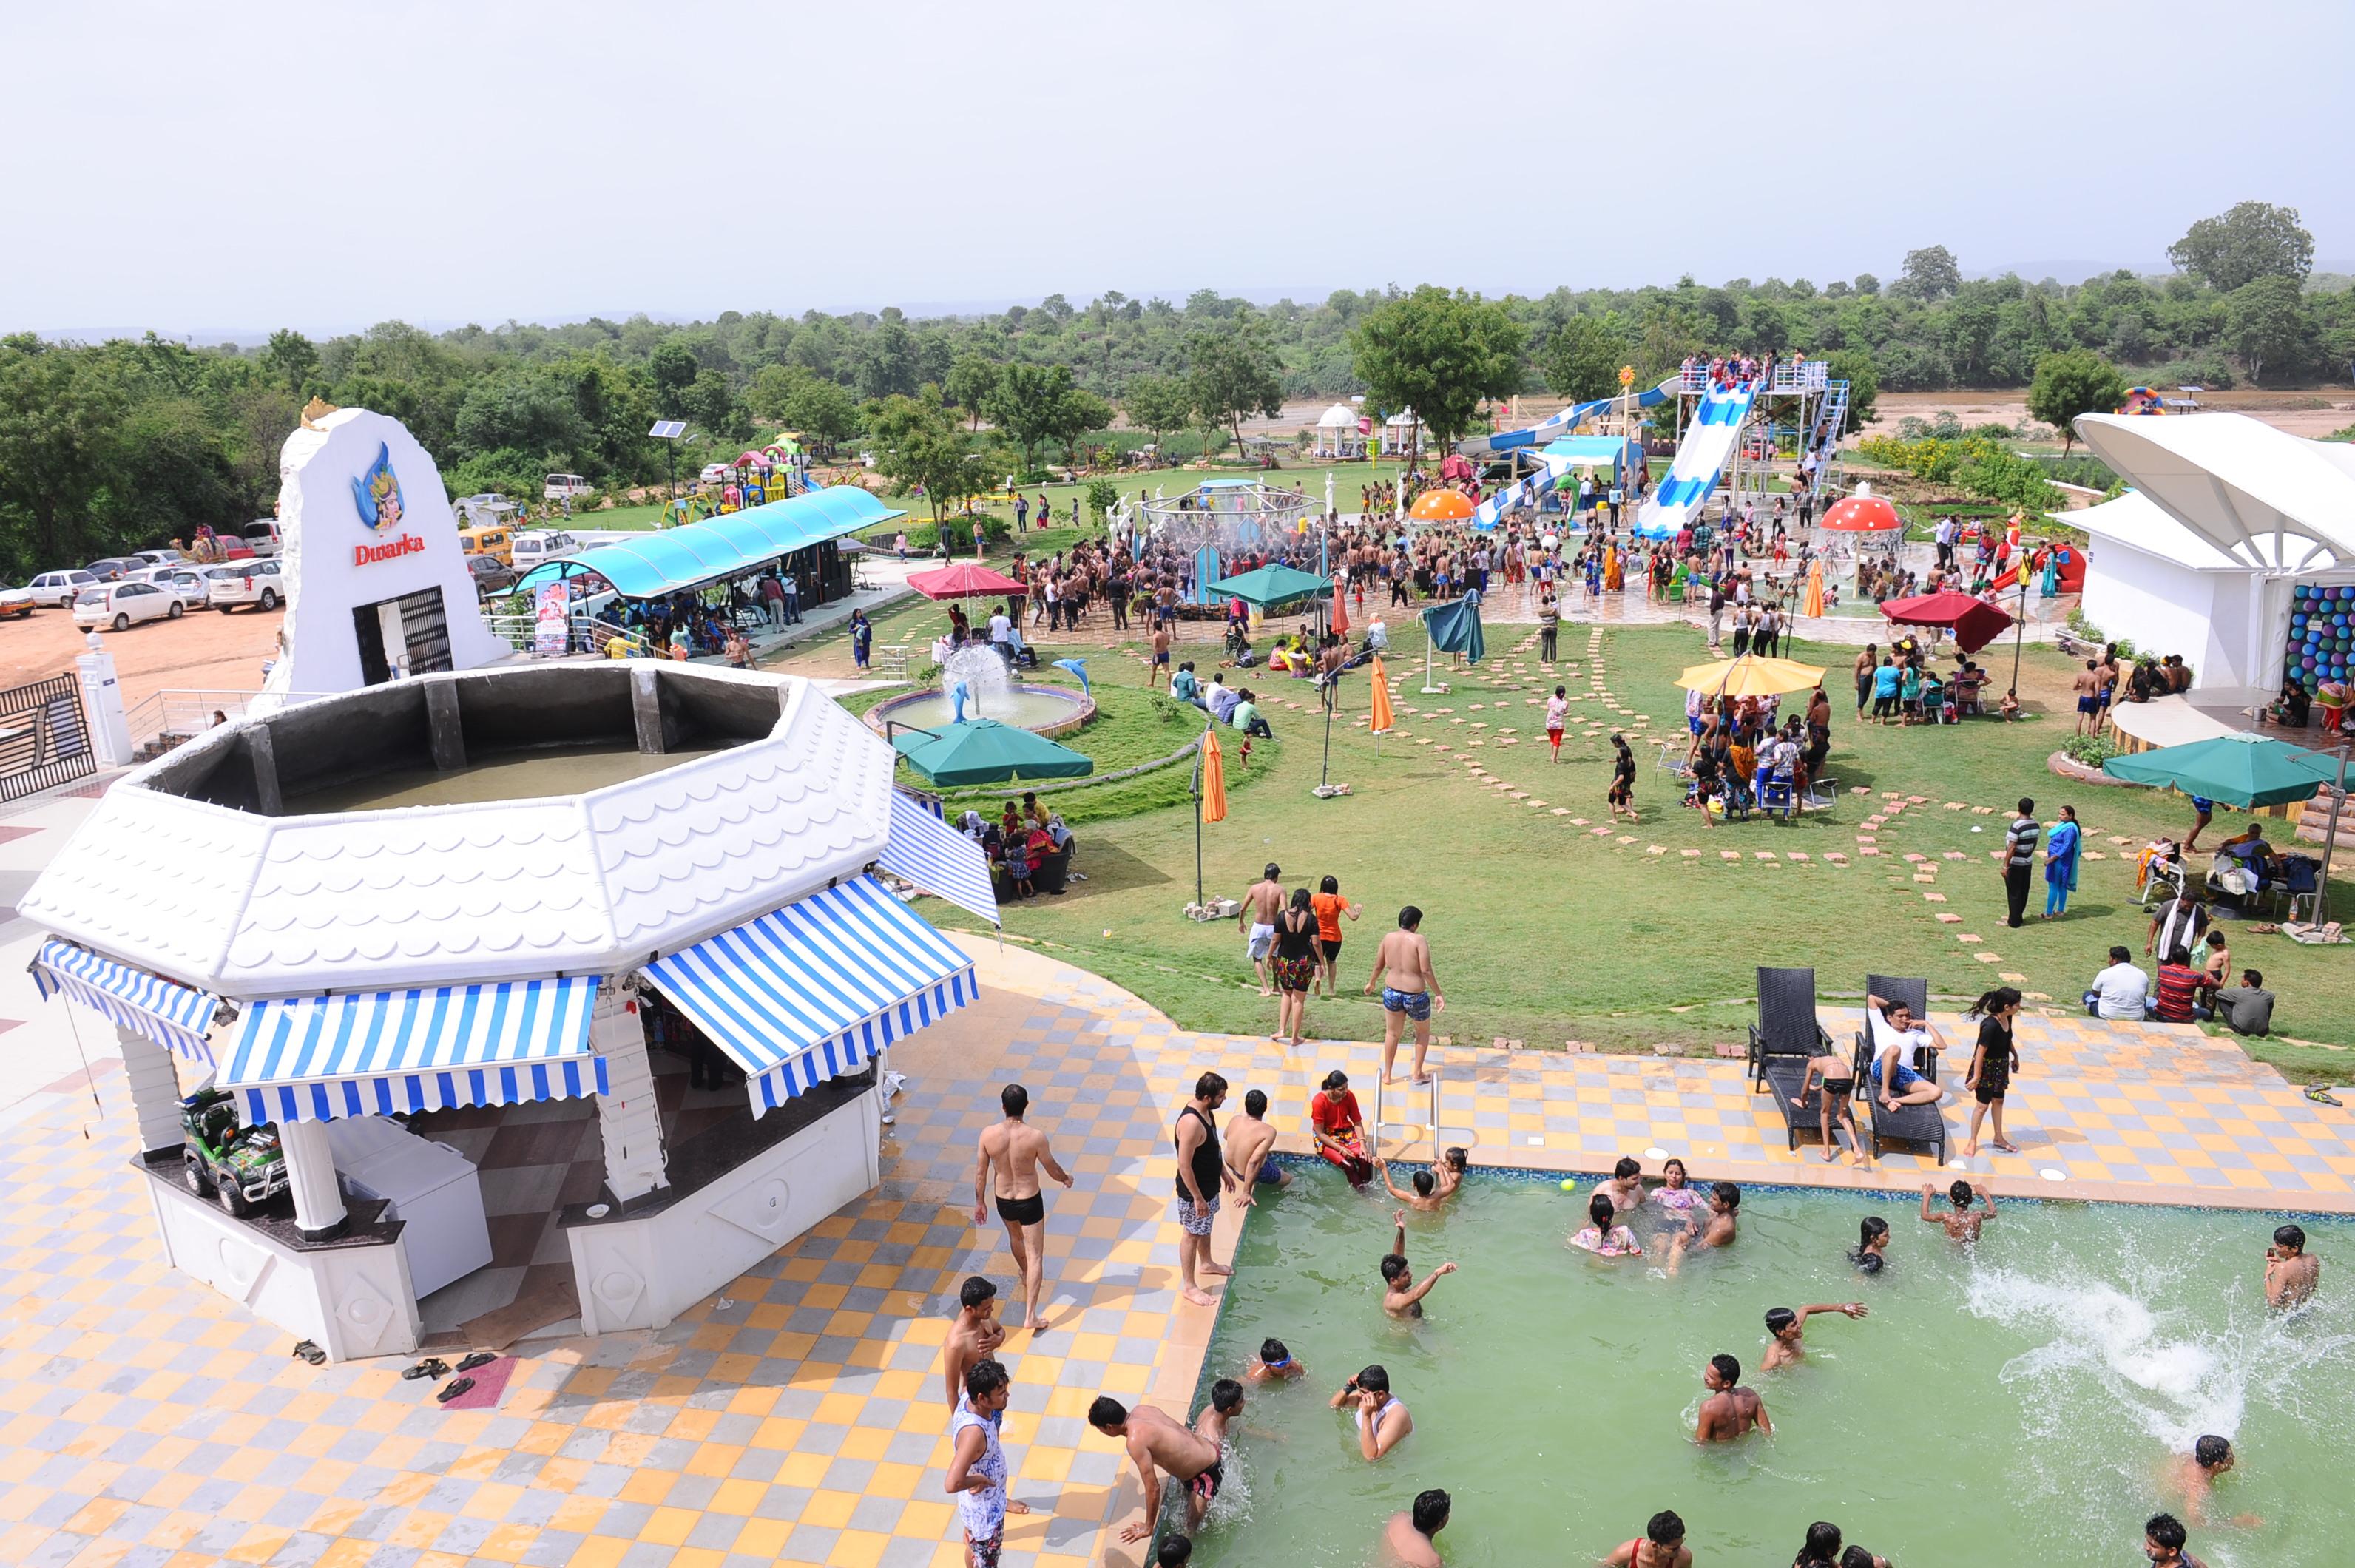 Dwarka River Farms & Amusement Park - Nagpur Image